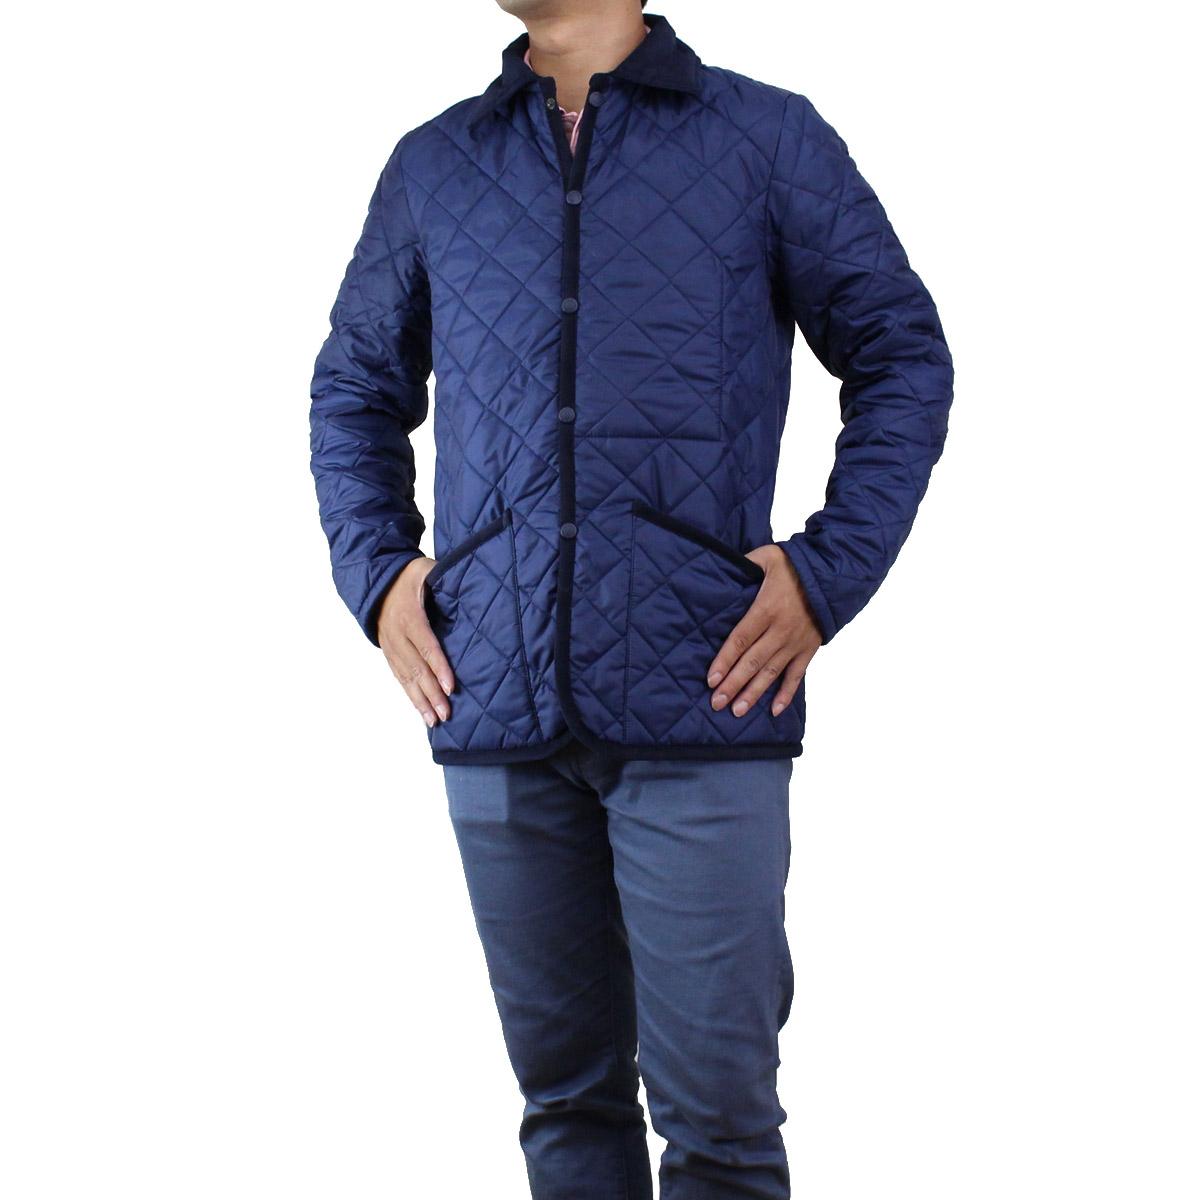 ラベンハム LAVENHAM ラブンスター レイドン メンズ キルティングジャケット RAYDON-M 2018 0039/22056 HARBOUR BLUE ブルー系 メンズ